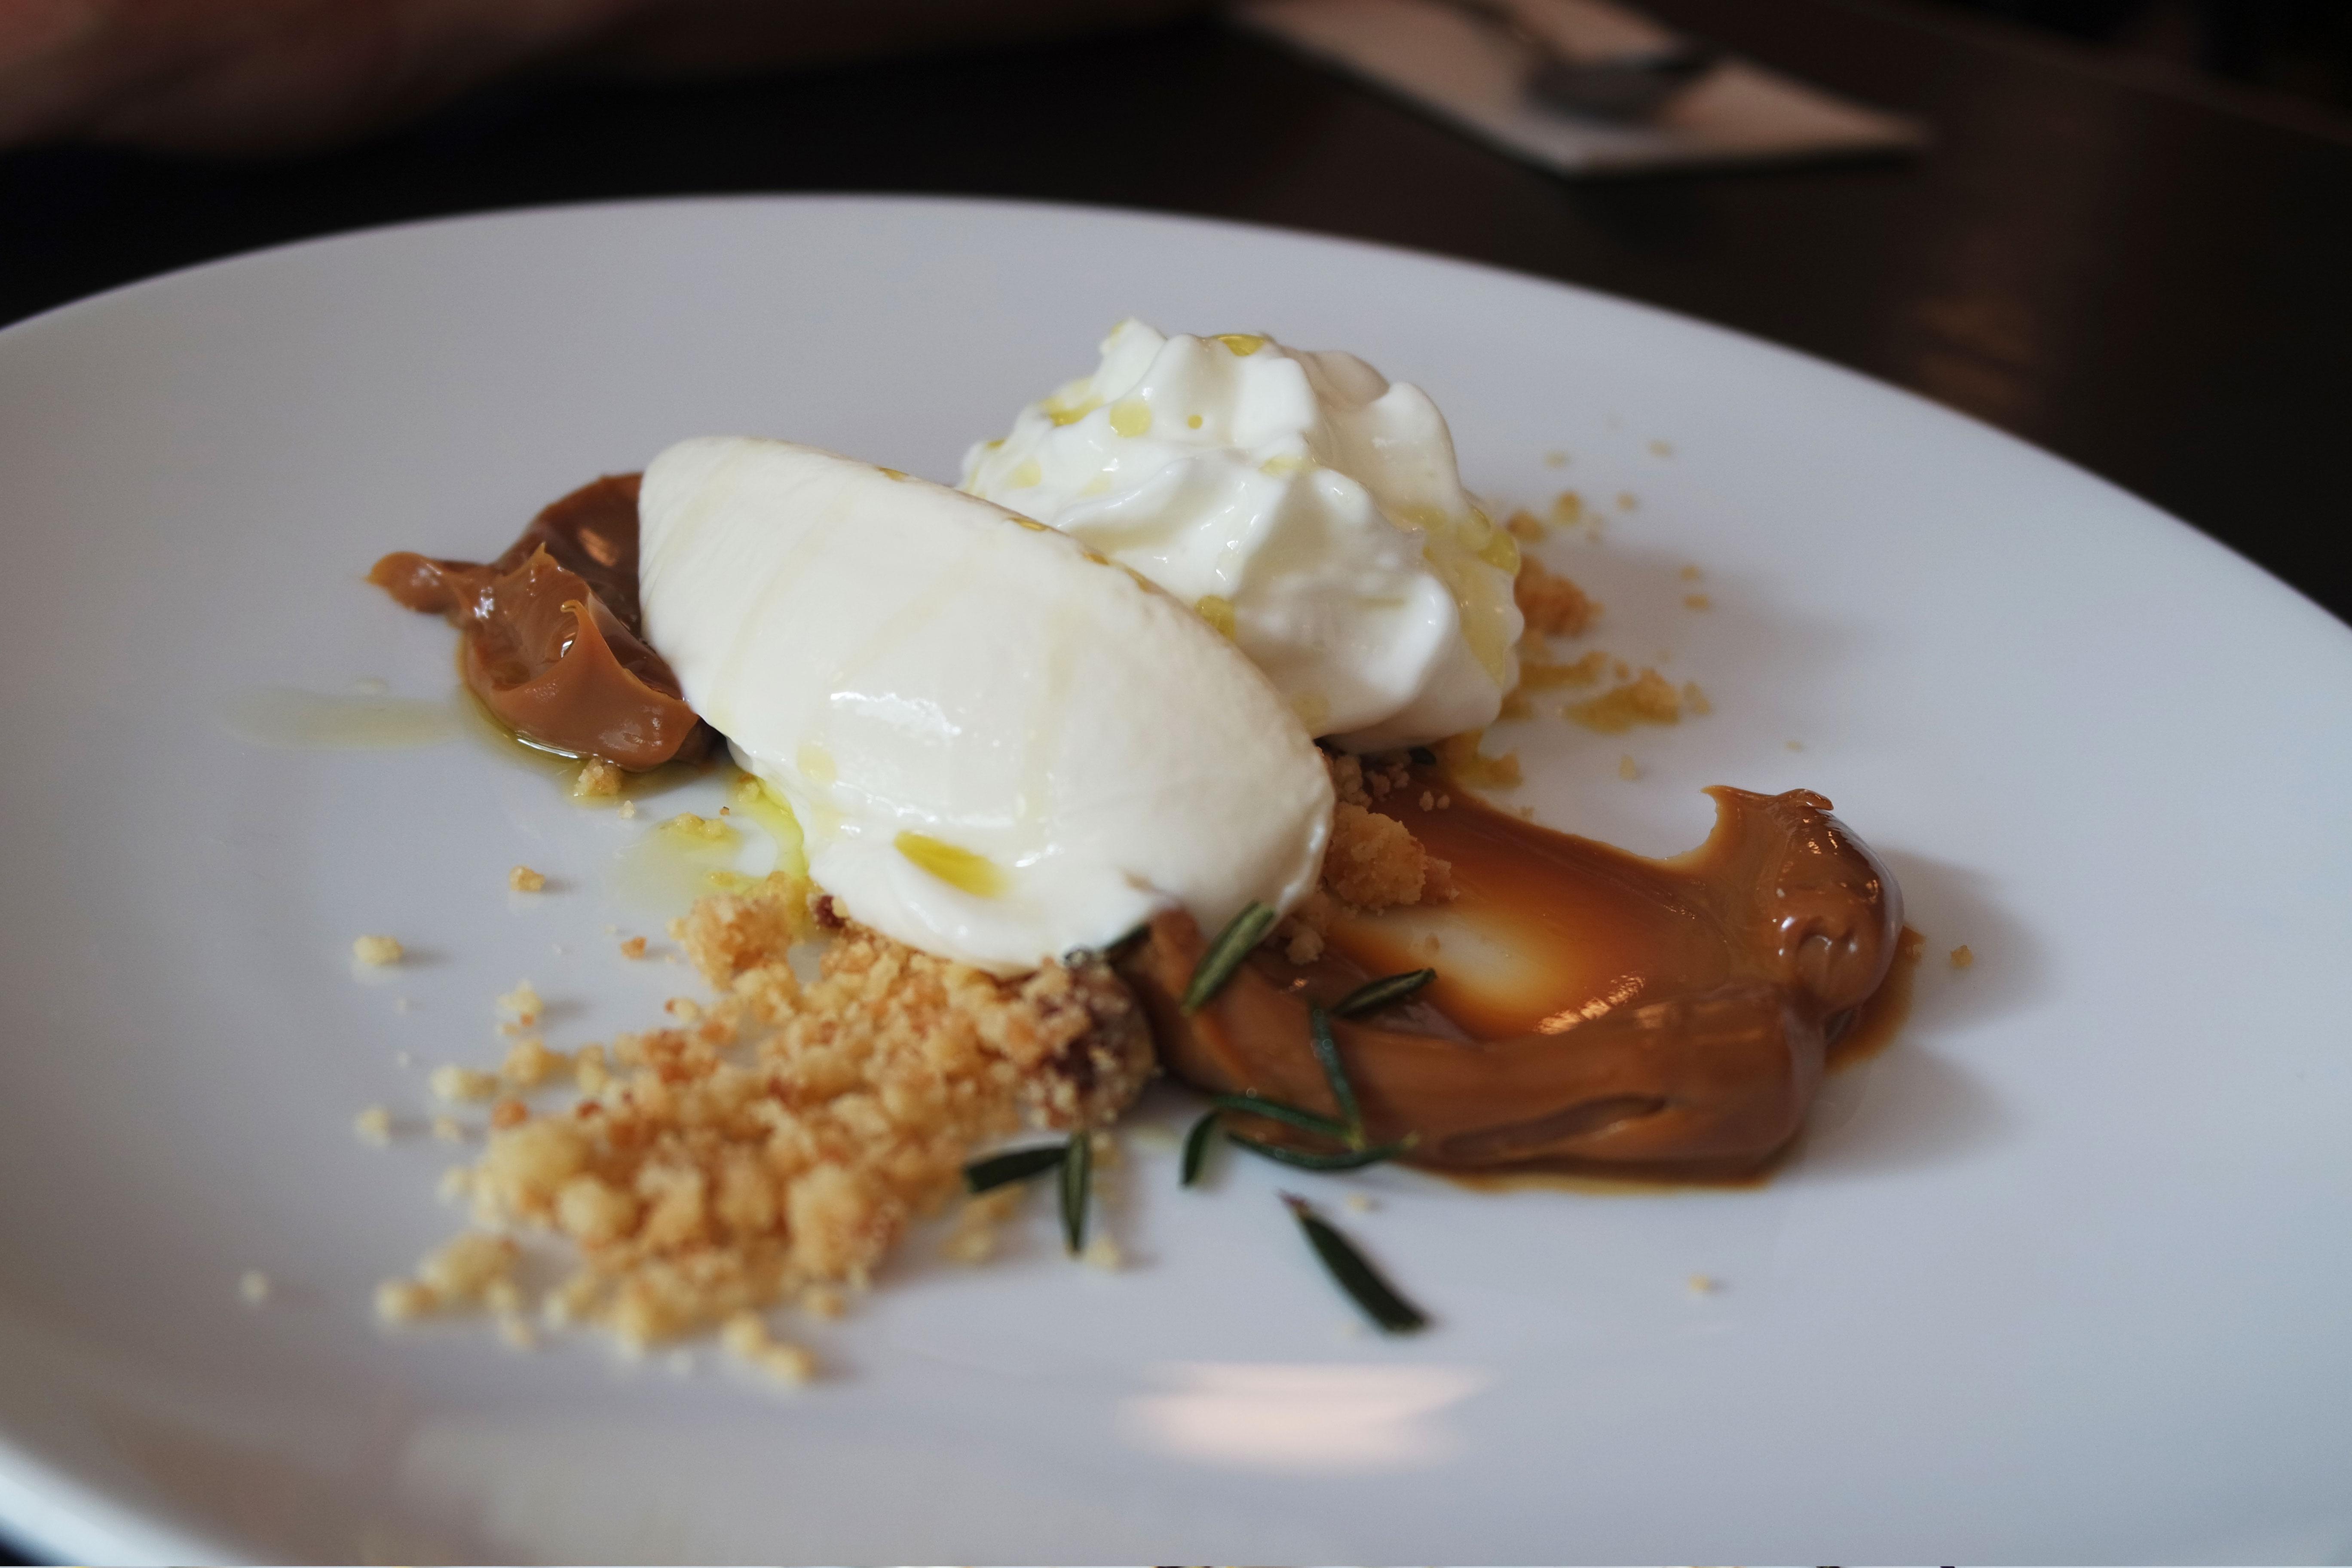 ester-restaurant-sydney-dessert-duclhe